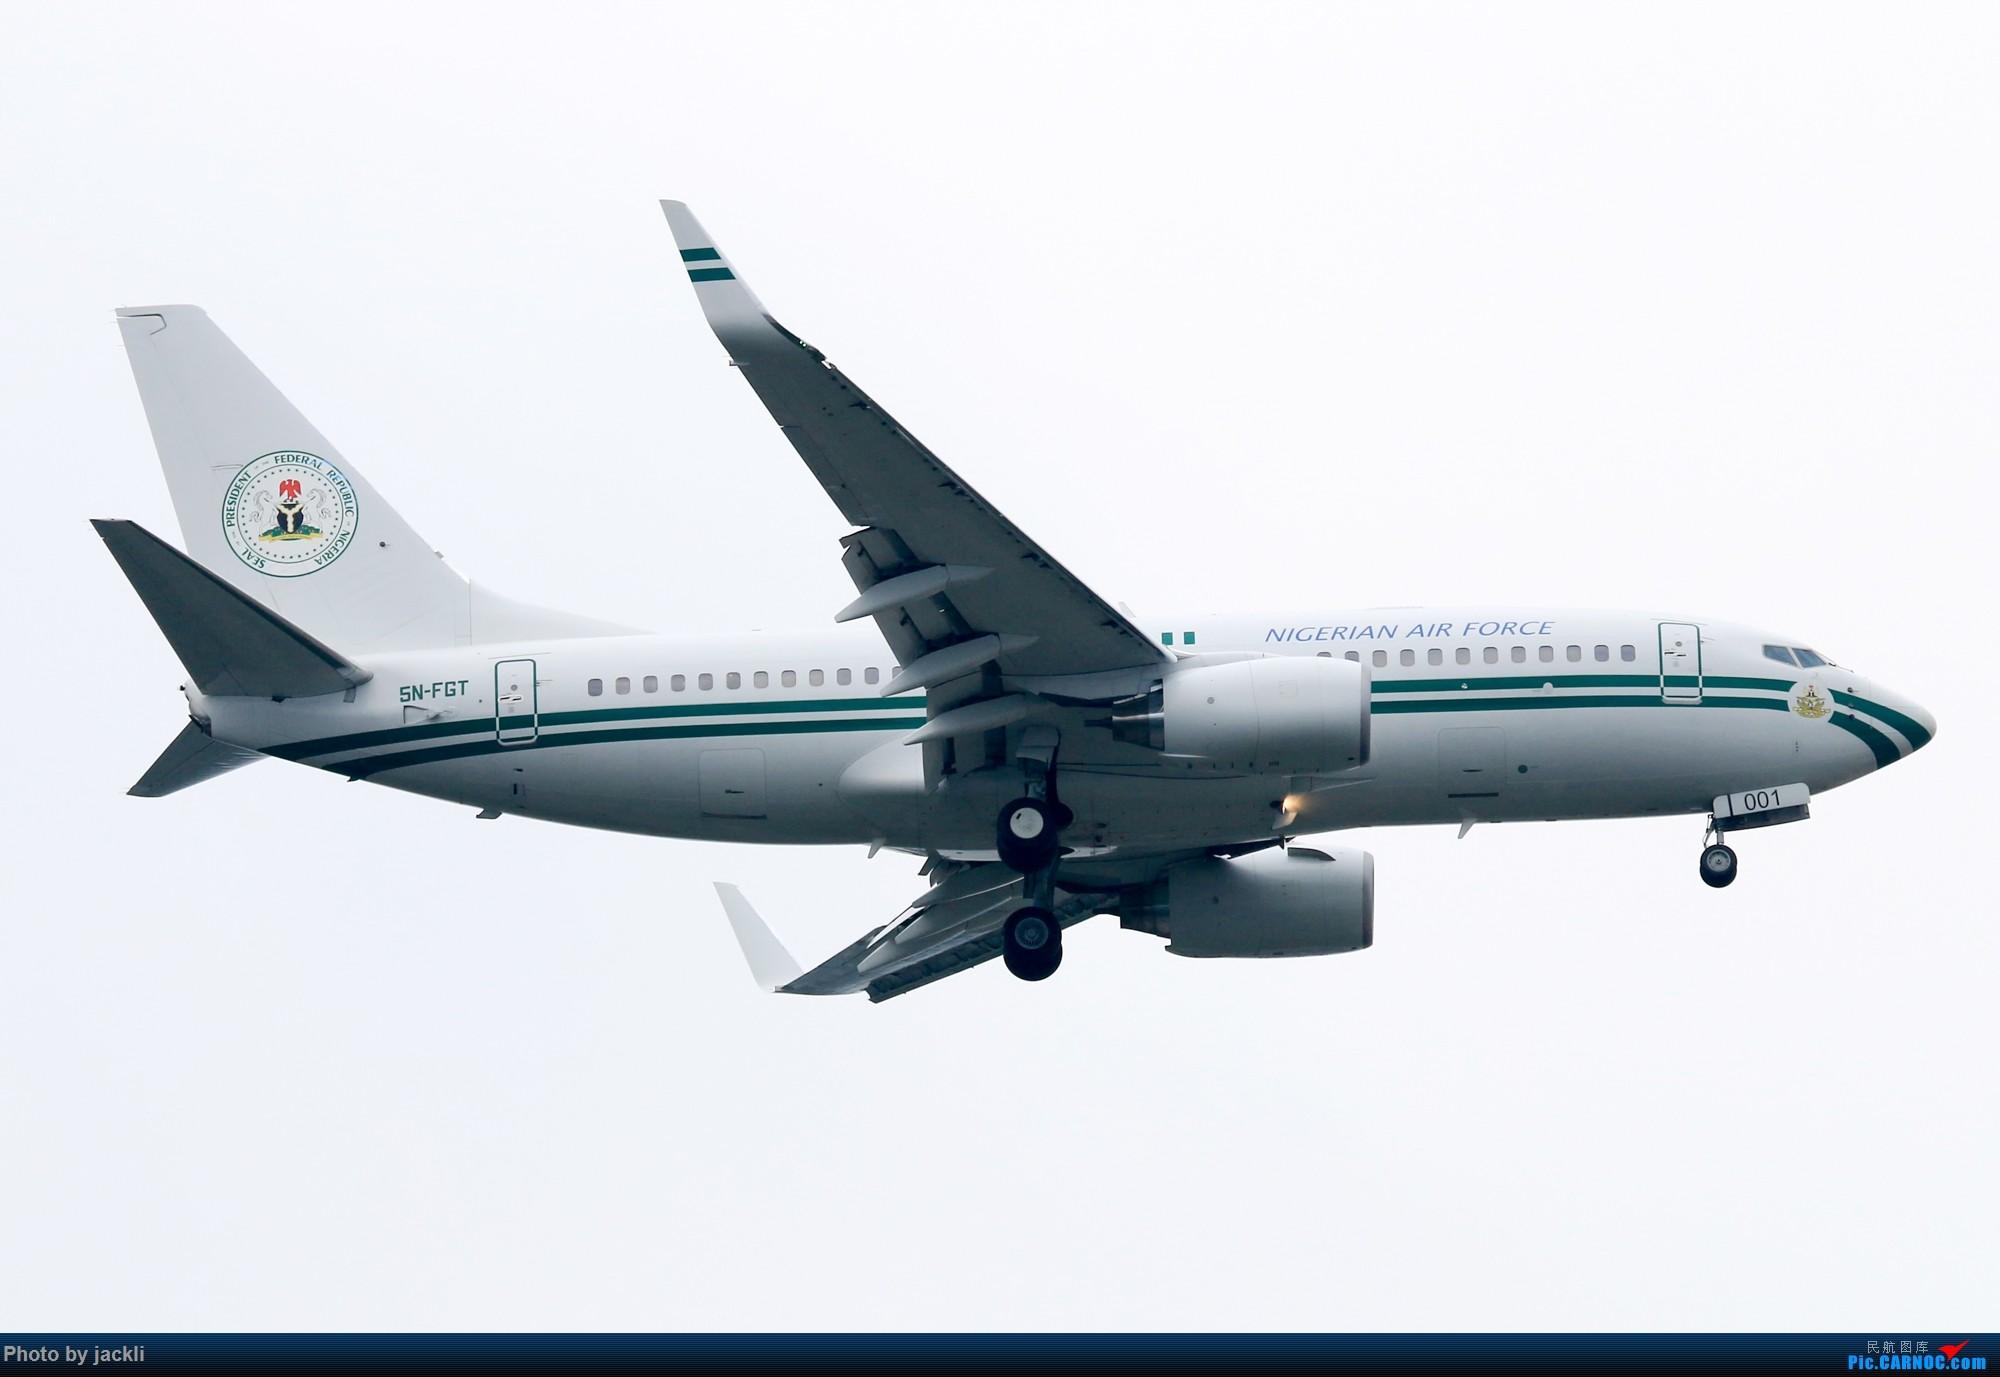 Re:[原创]【JackLi拍机+游记】北京首都机场拍机+参观民航博物馆+首次体验国航A350~ BOEING 737-700 5N-FGT 中国北京首都国际机场